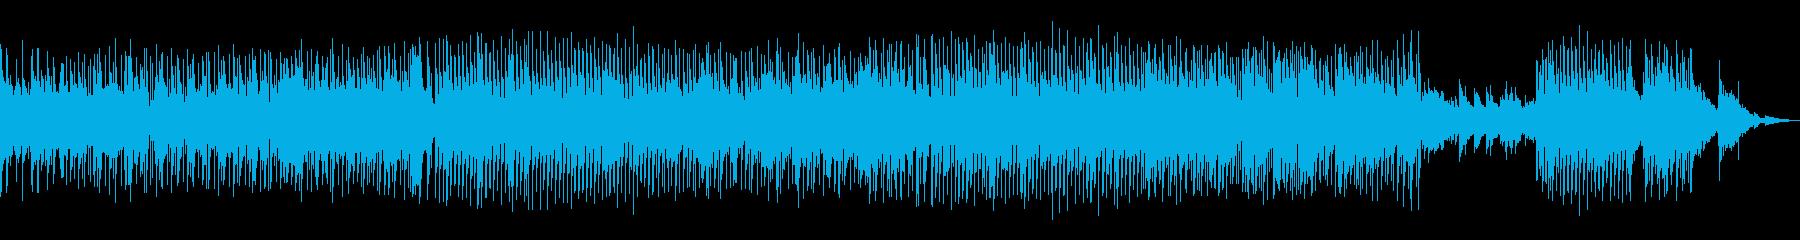 キュートなイメージの楽曲です。の再生済みの波形